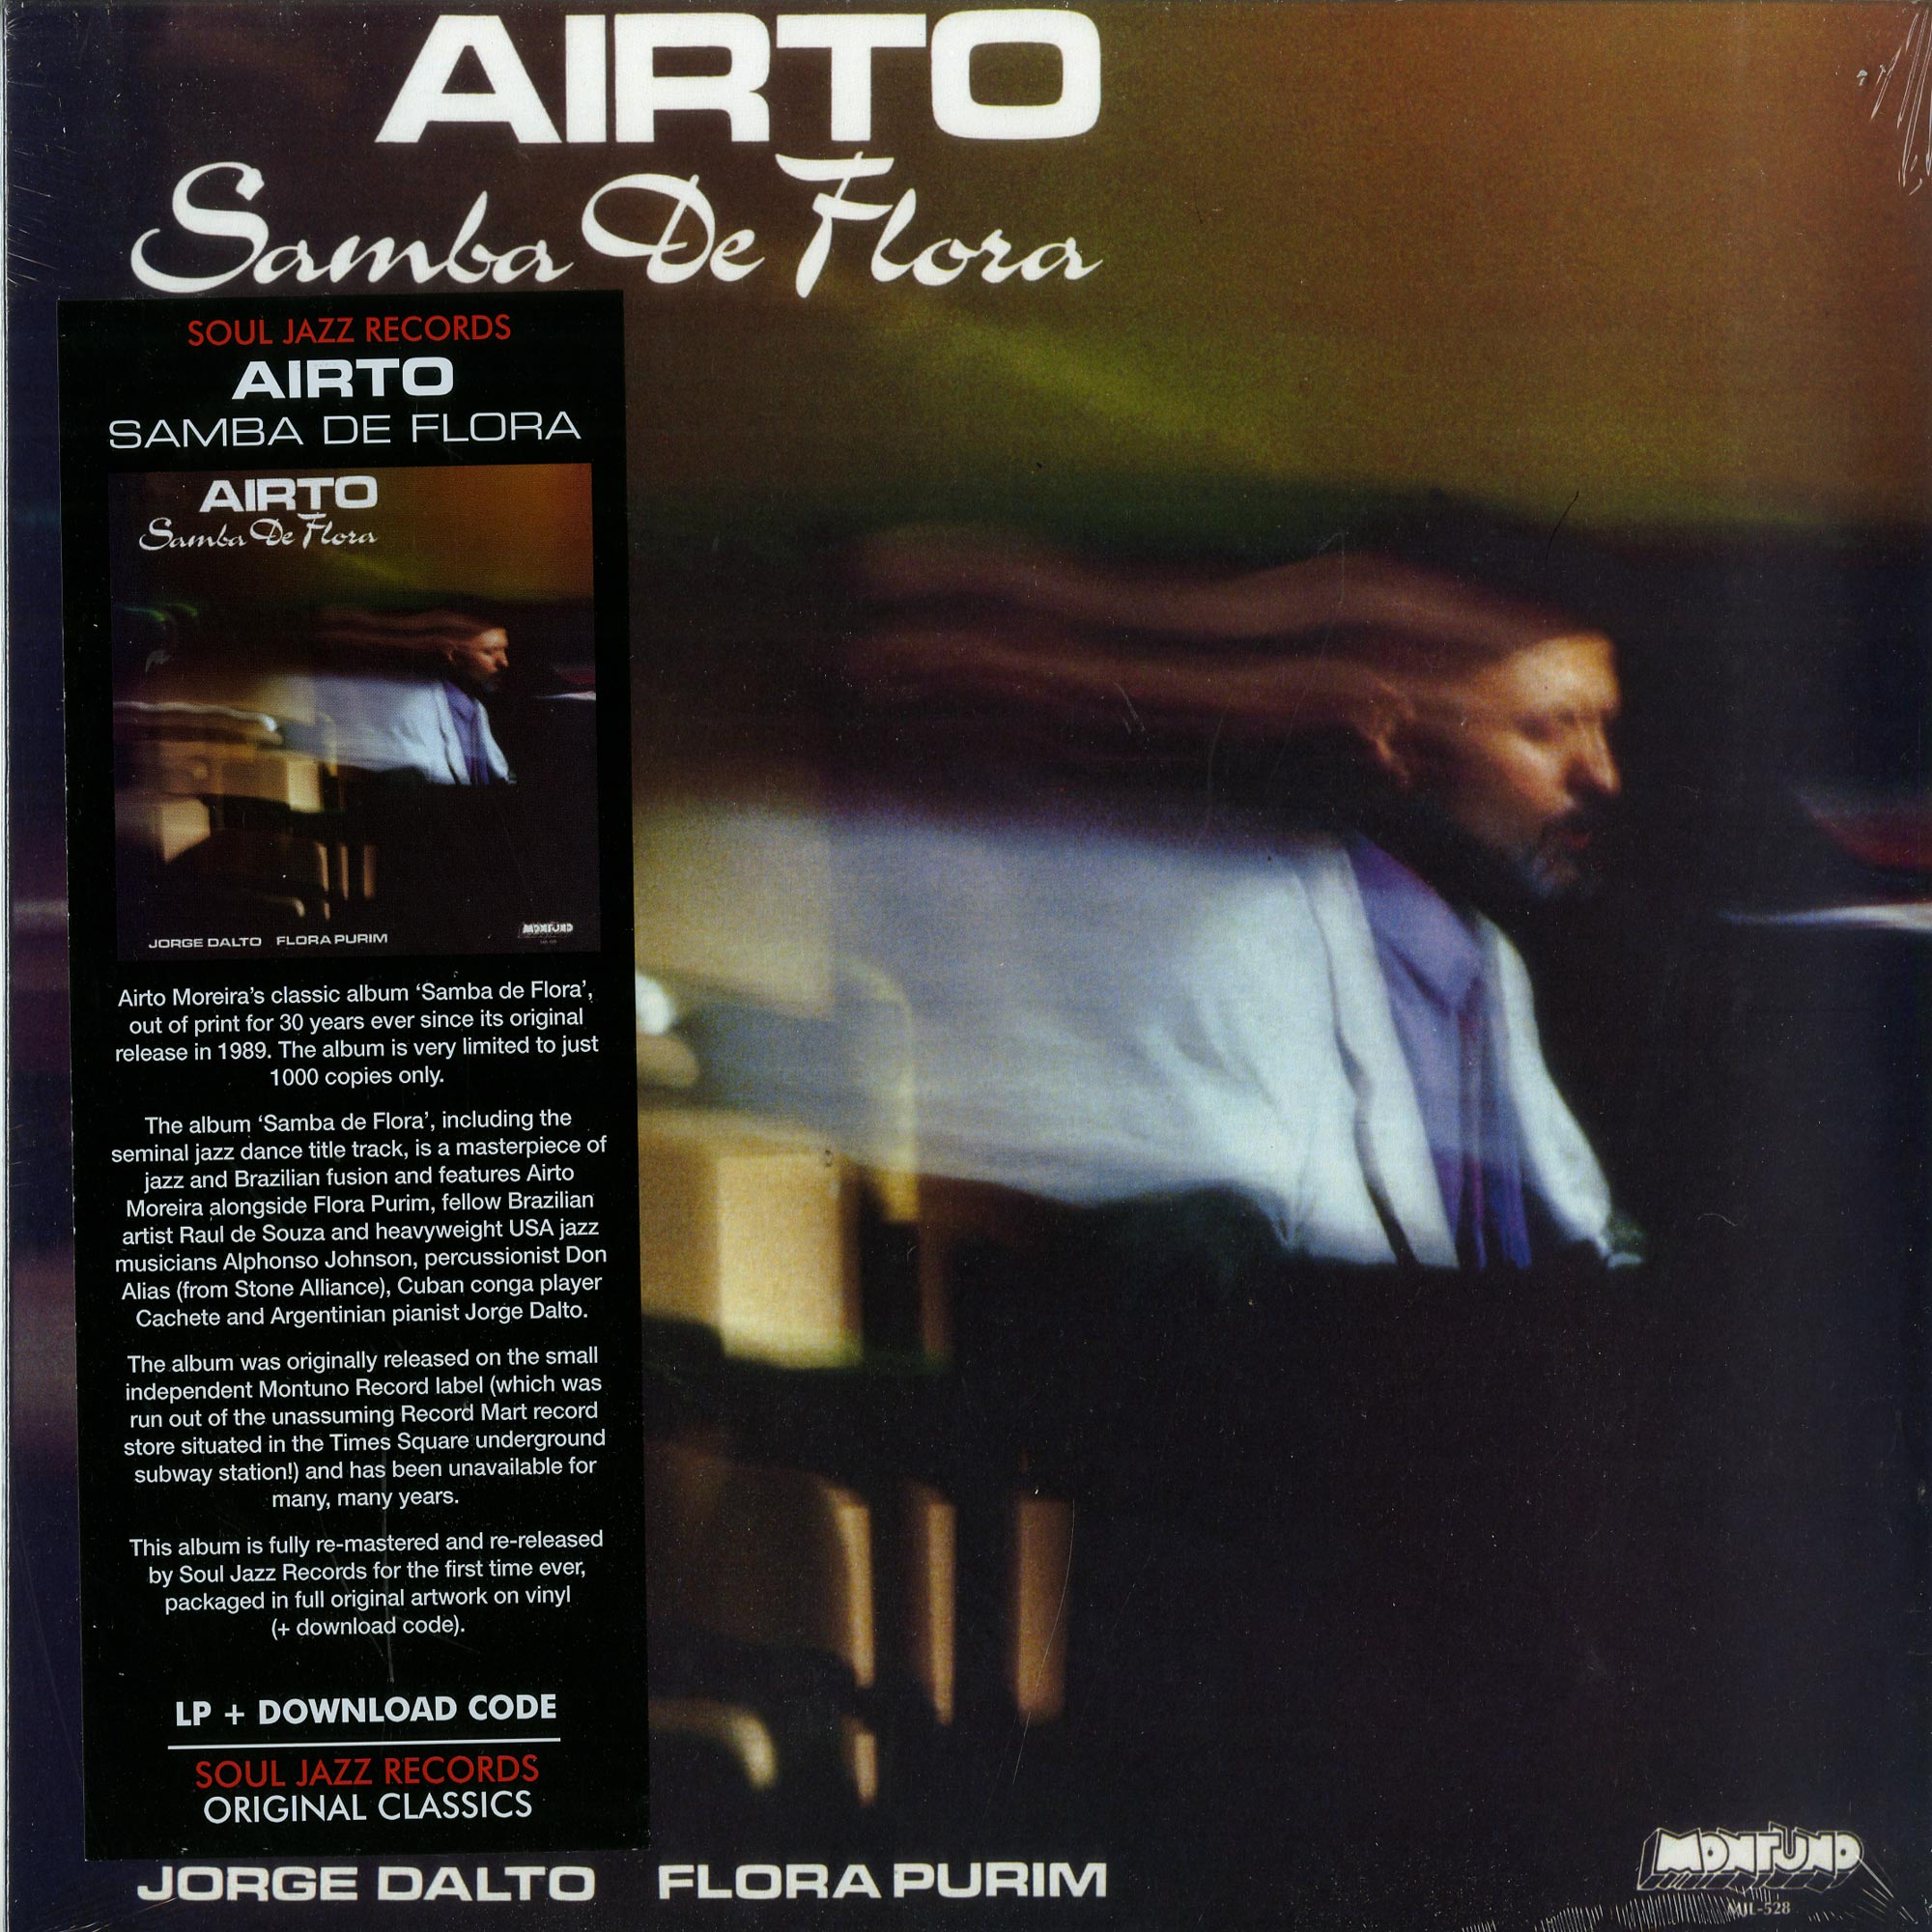 Airto - SAMBA DE FLORA